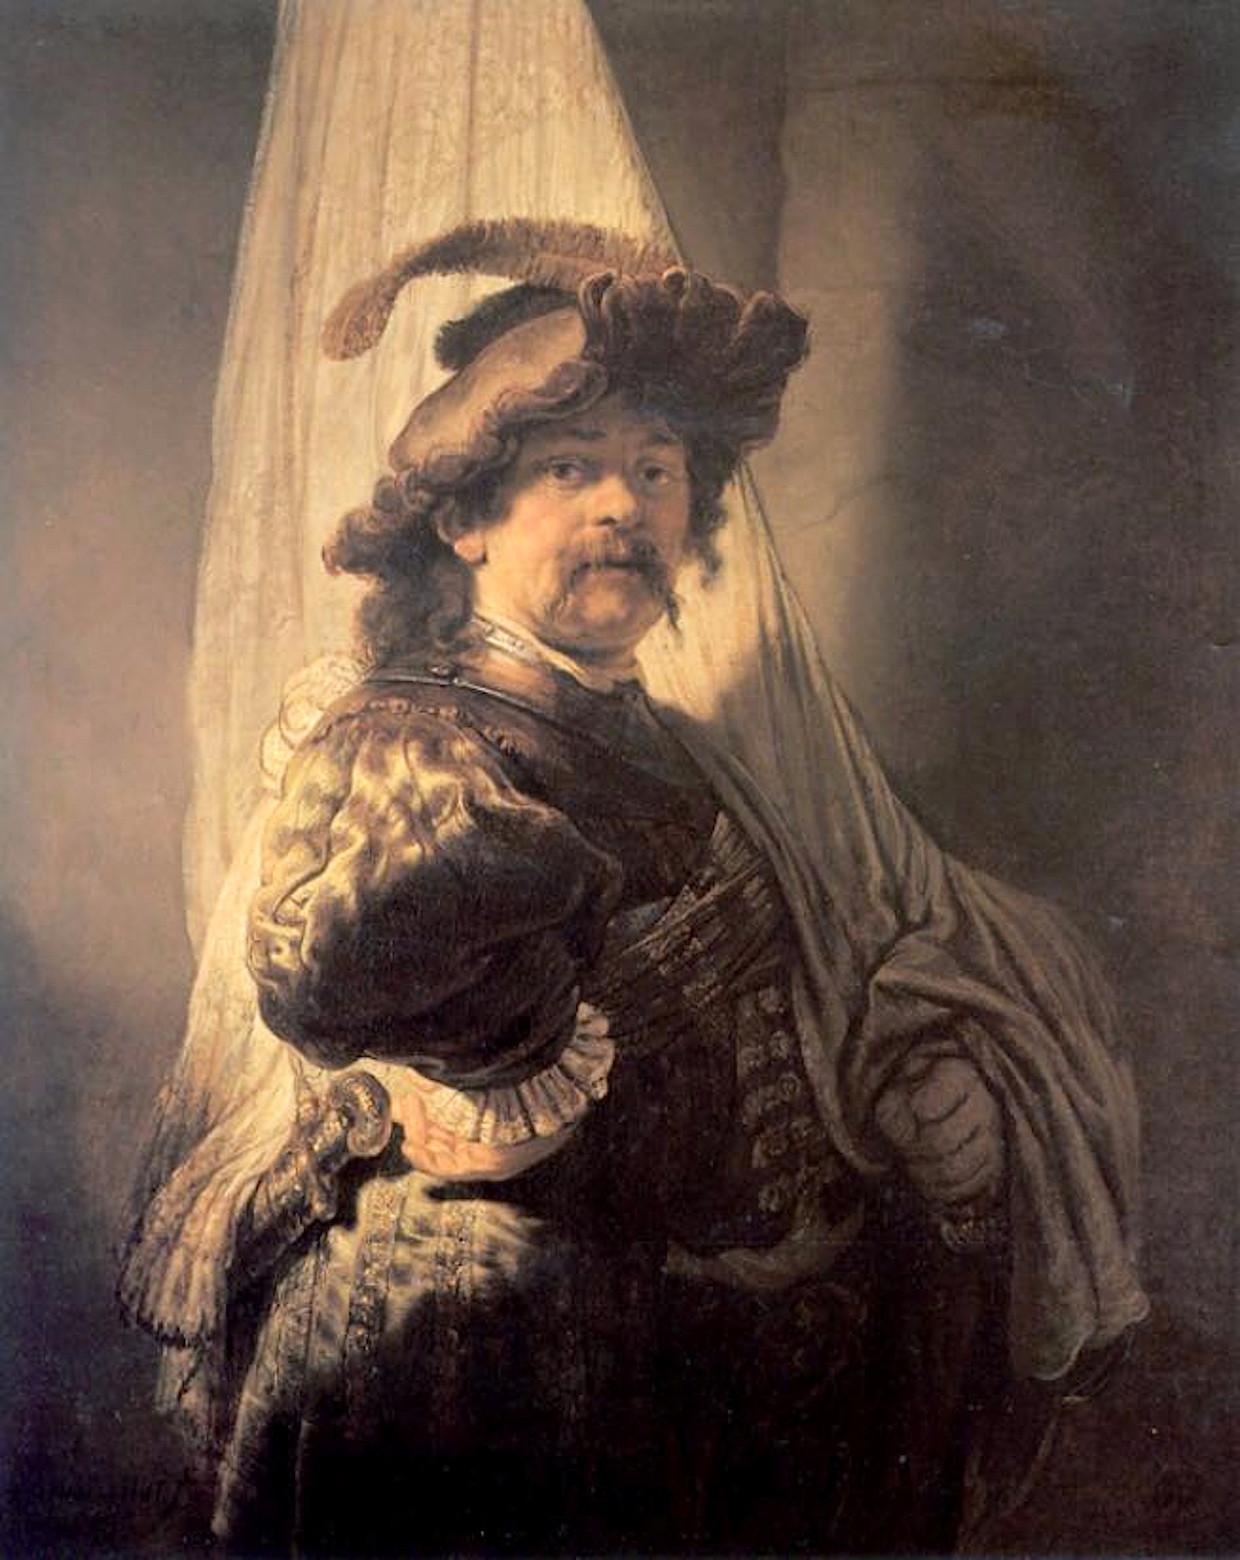 Rembrandt - De Vaandeldrager, wie is de vaandeldrager op dit schilderij?